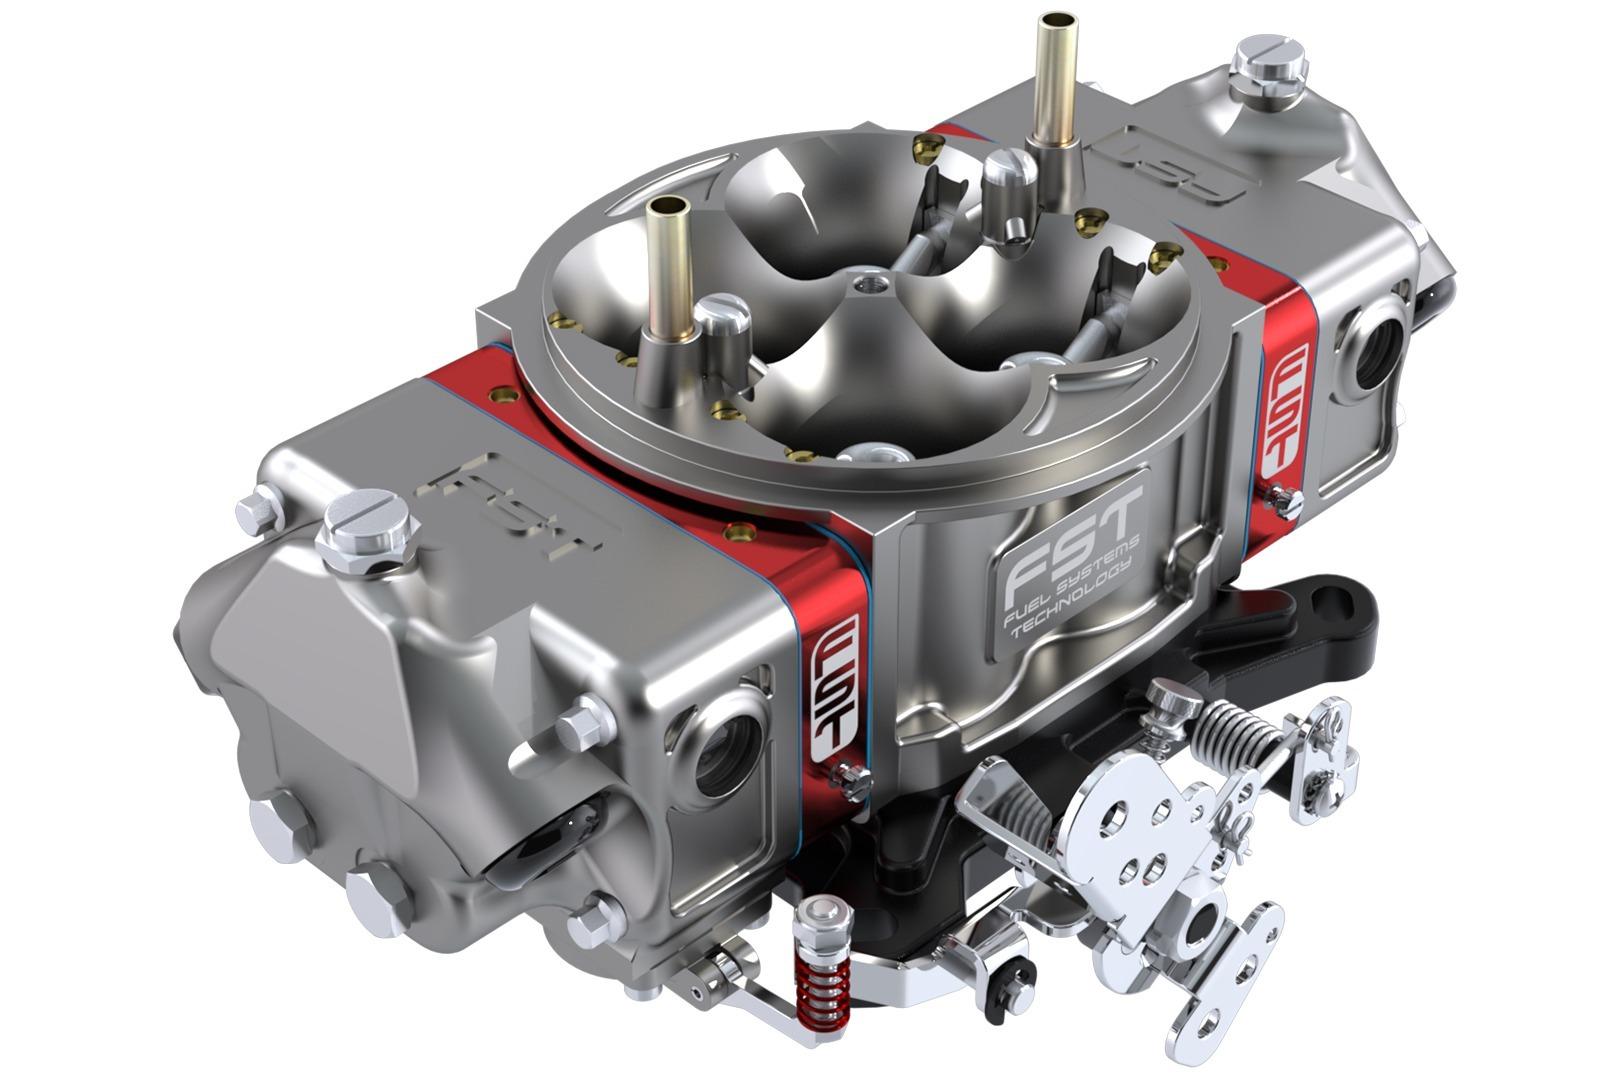 FST Performance Carburetor 41650B-1 Carburetor, Billet X-treme, 4-Barrel, 650 CFM, Square Bore, Mechanical Secondary, Dual Inlet, Titanium Anodize, Each